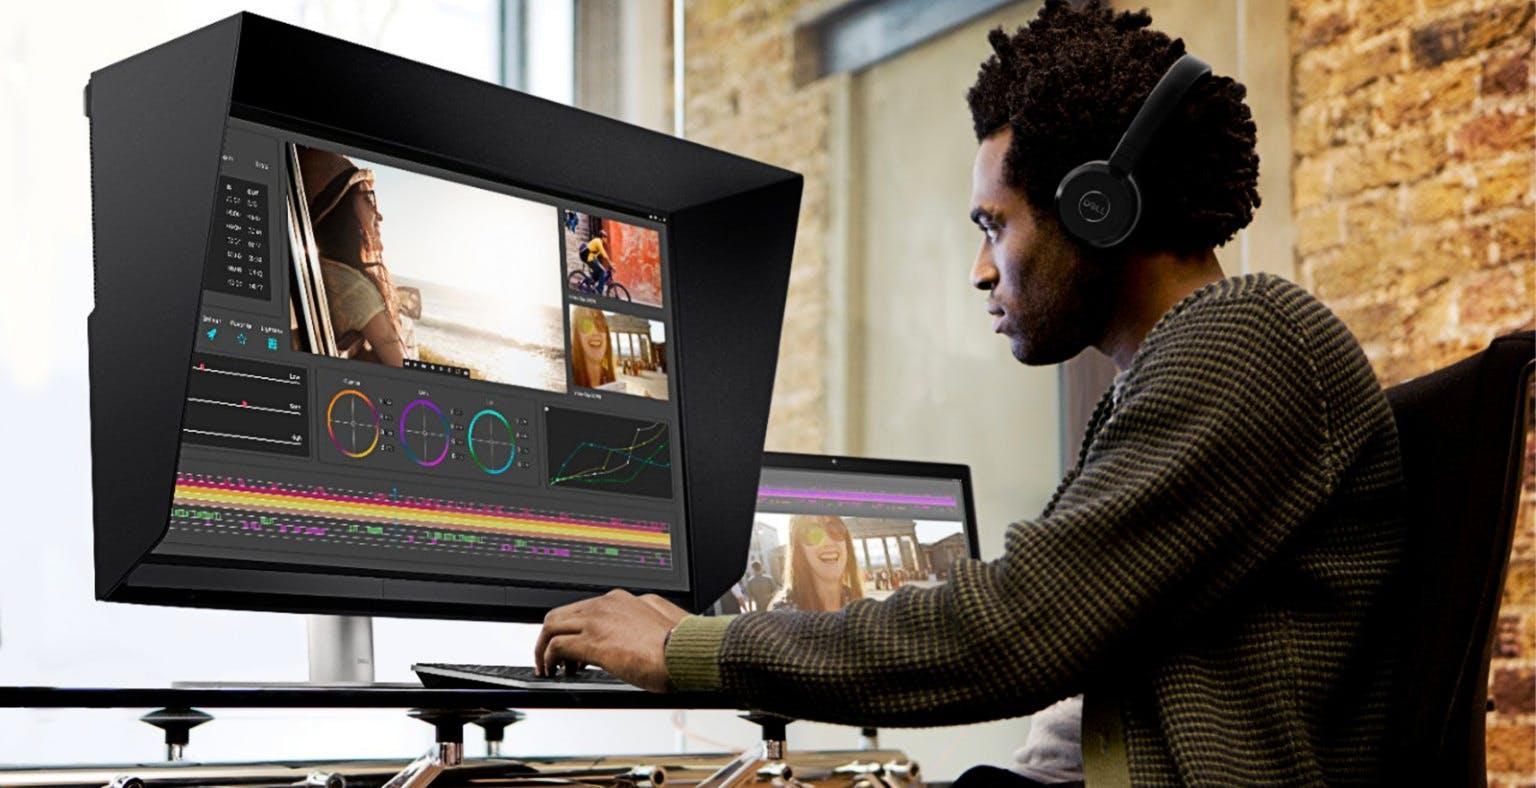 UltraSharp 32 HDR PremierColor 4K, il monitor di Dell con 2.000 zone Mini LED e colorimetro integrato